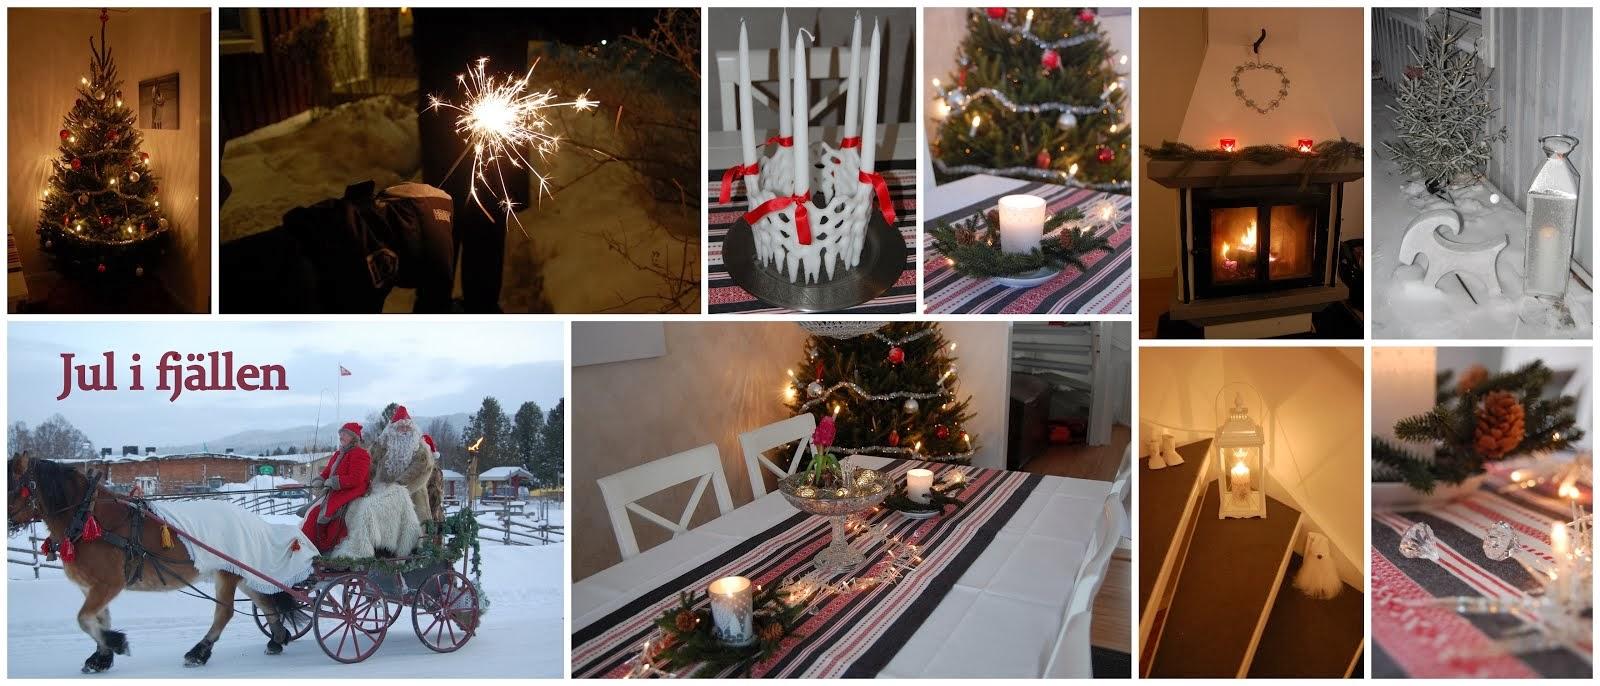 Jul i fjällen - julblogg från Åre